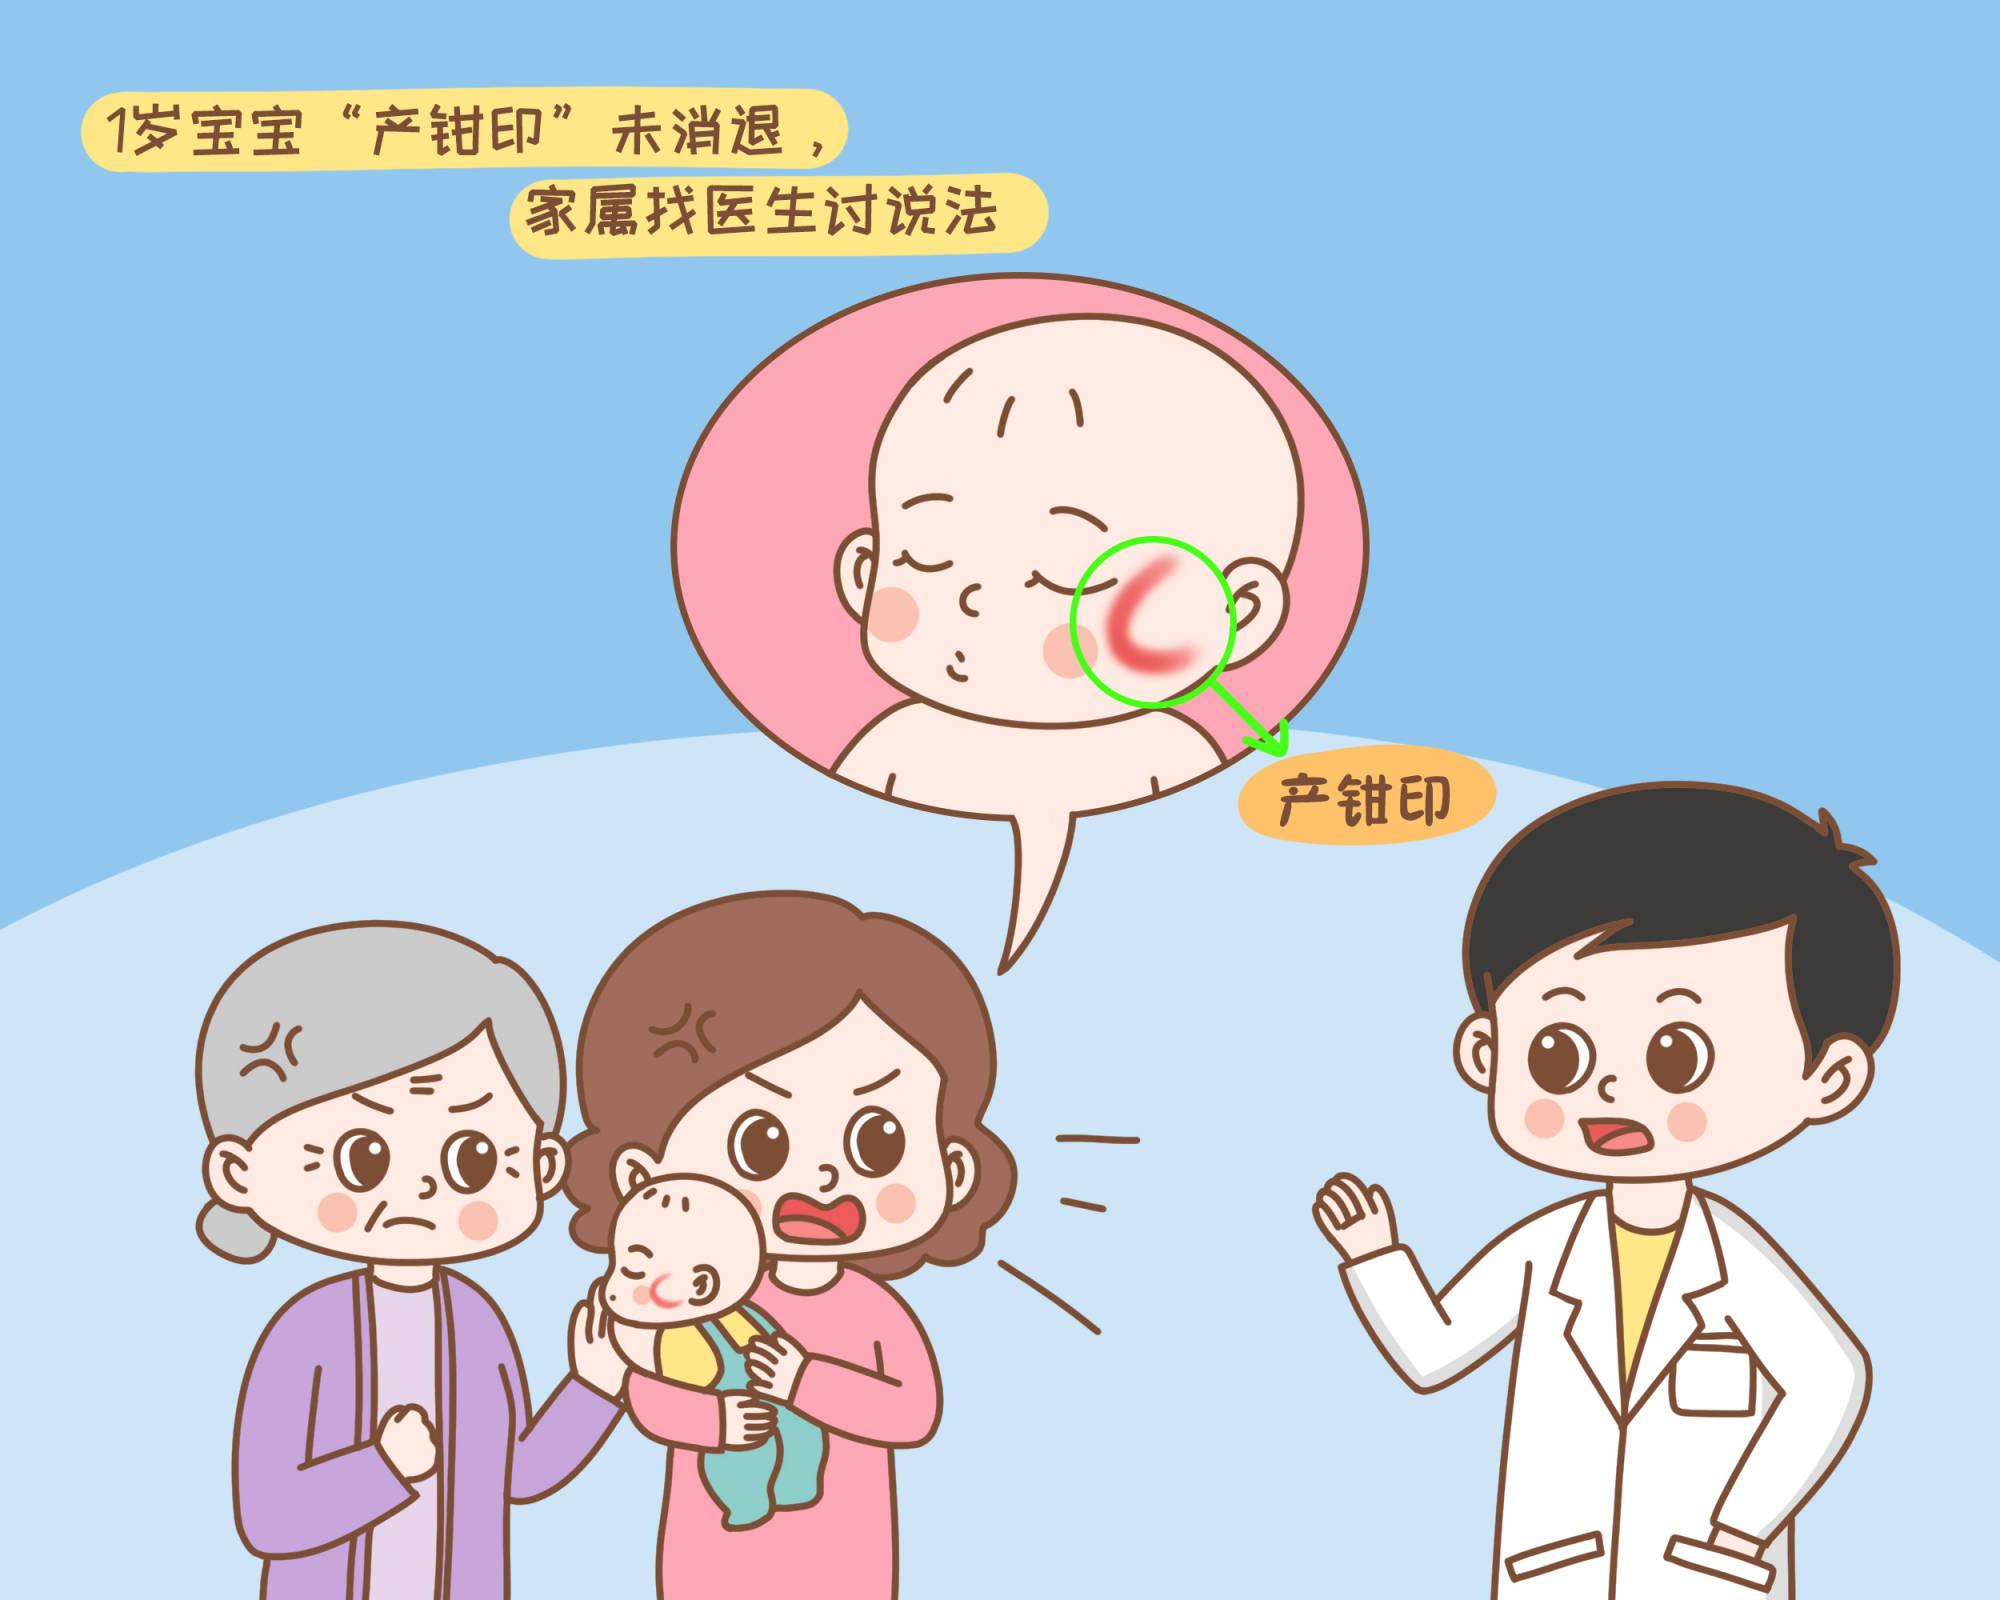 """1岁宝宝脸上""""产钳印""""不消,家属找医生要说法,反被外人看笑话"""